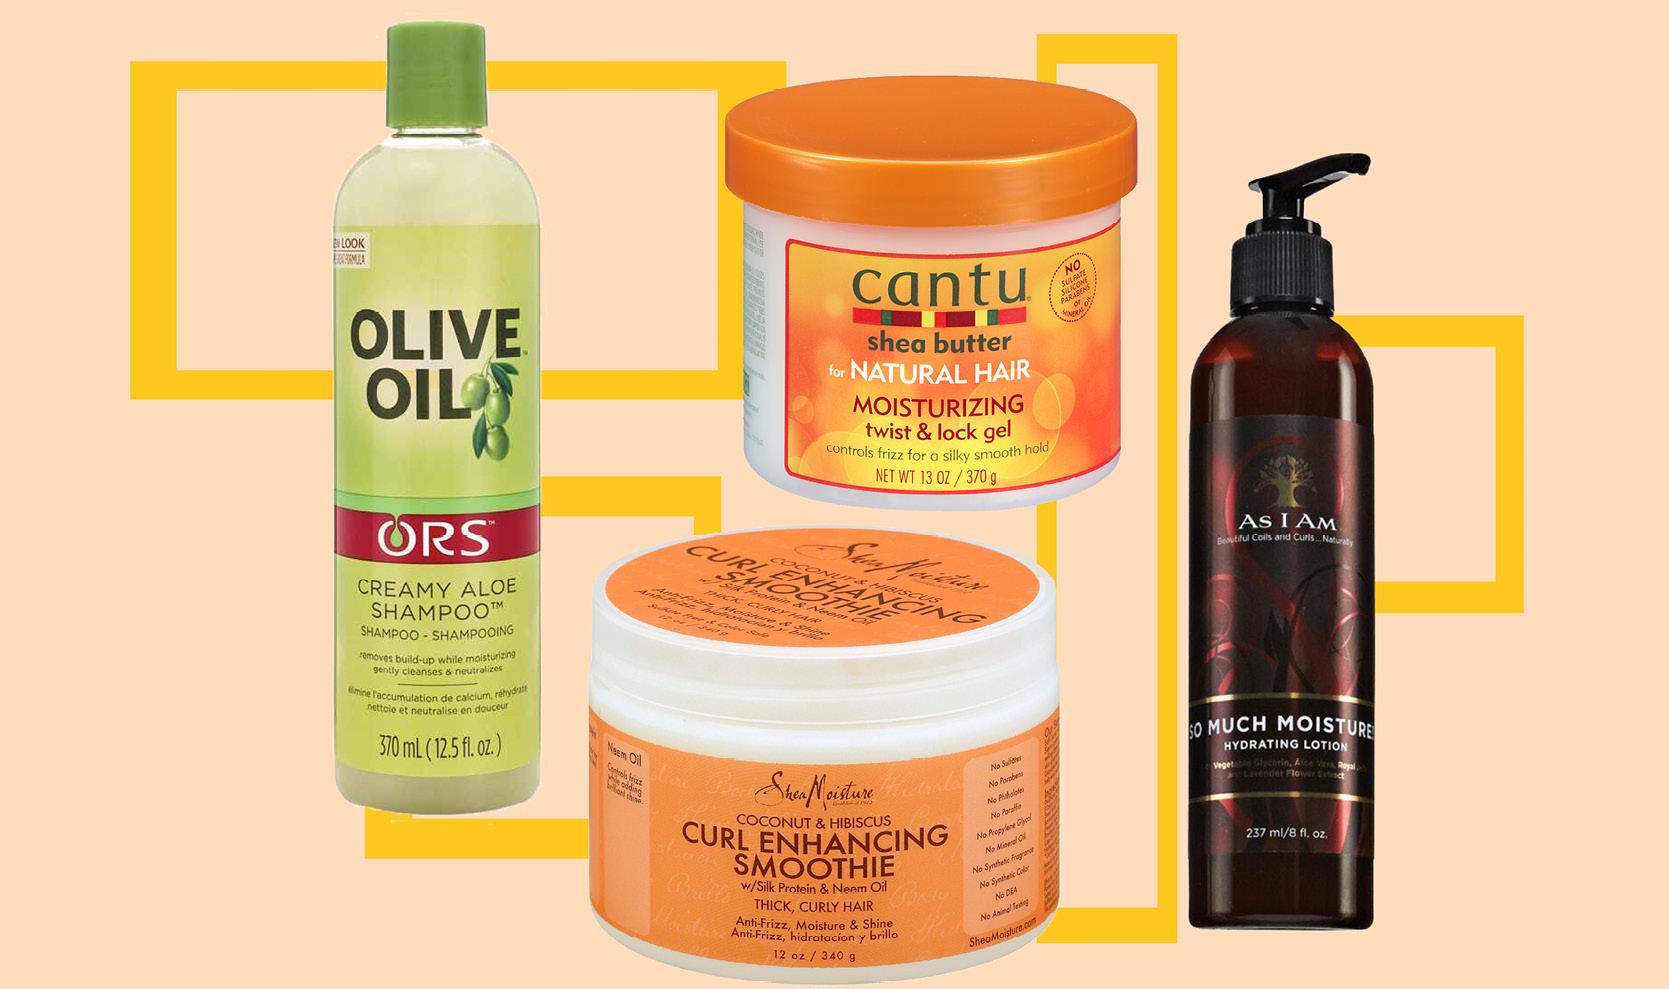 Le marché des cosmétiques capillaires afros en 2020, ça ressemble à quoi?